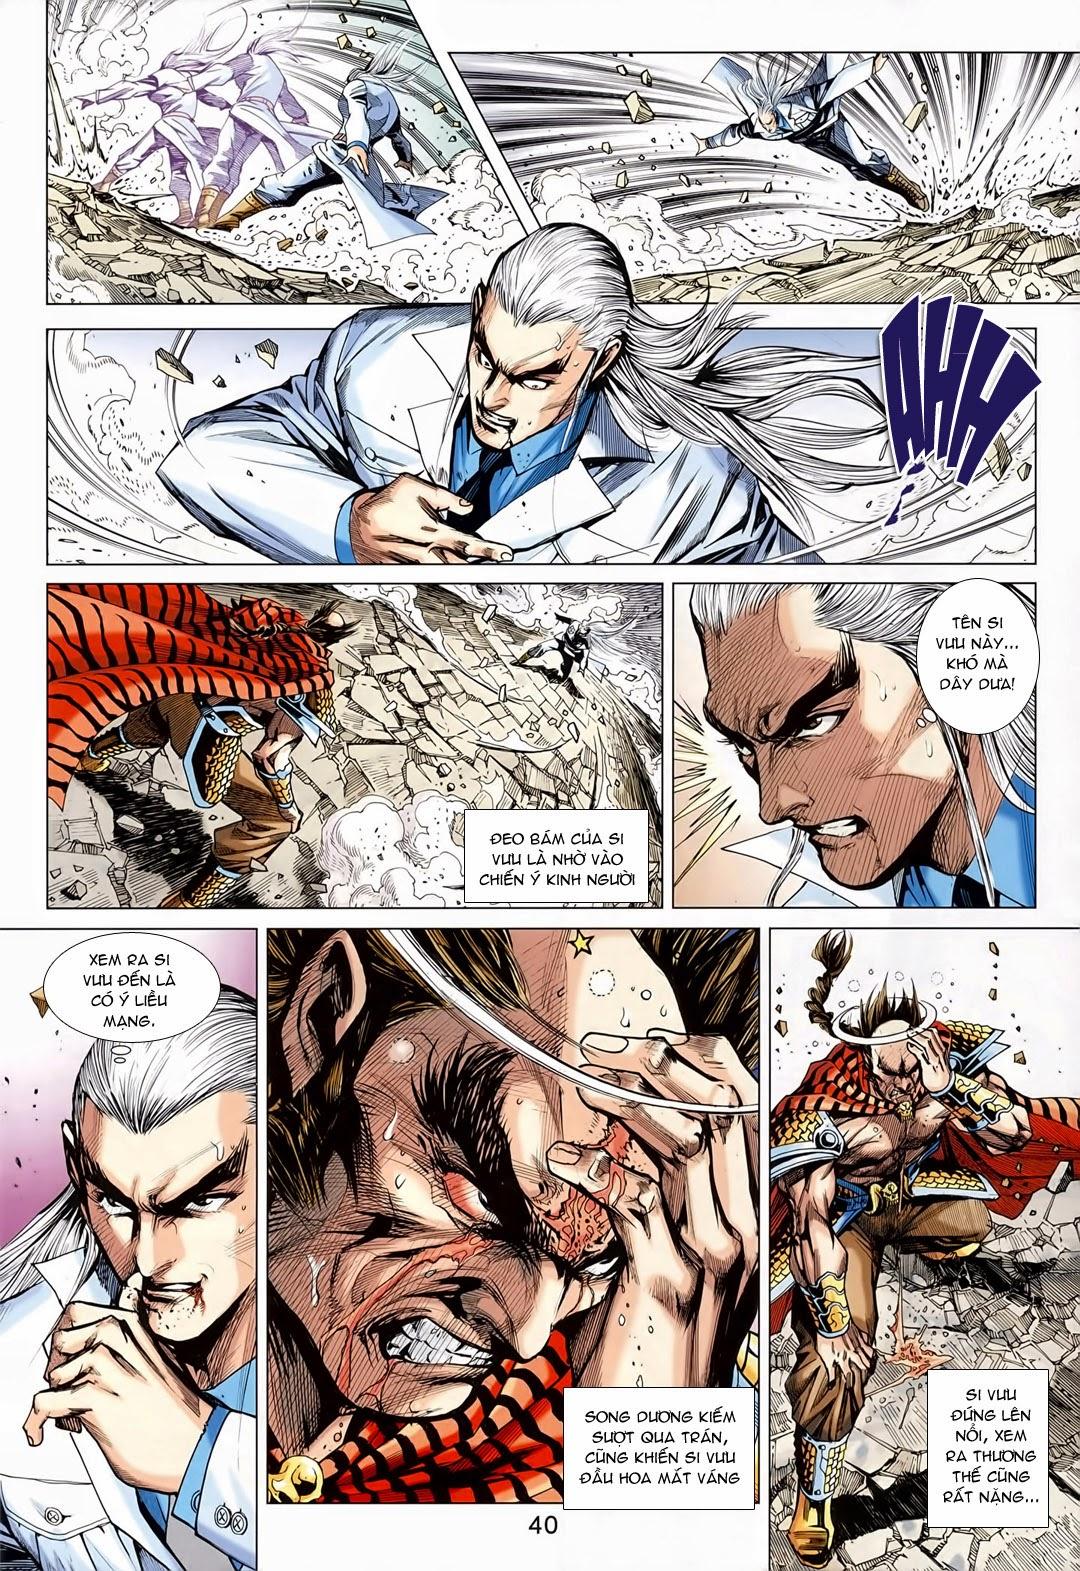 Tân Tác Long Hổ Môn trang 35